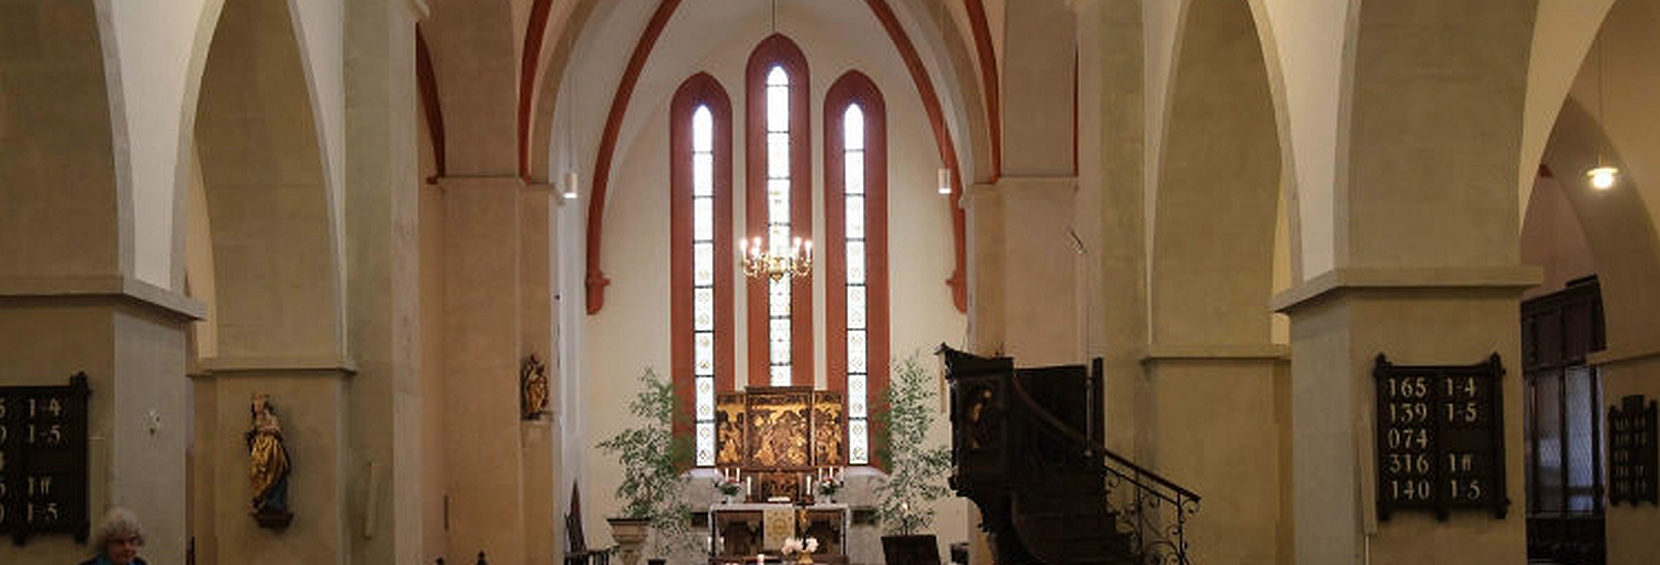 Gebäude der Frauenkirche